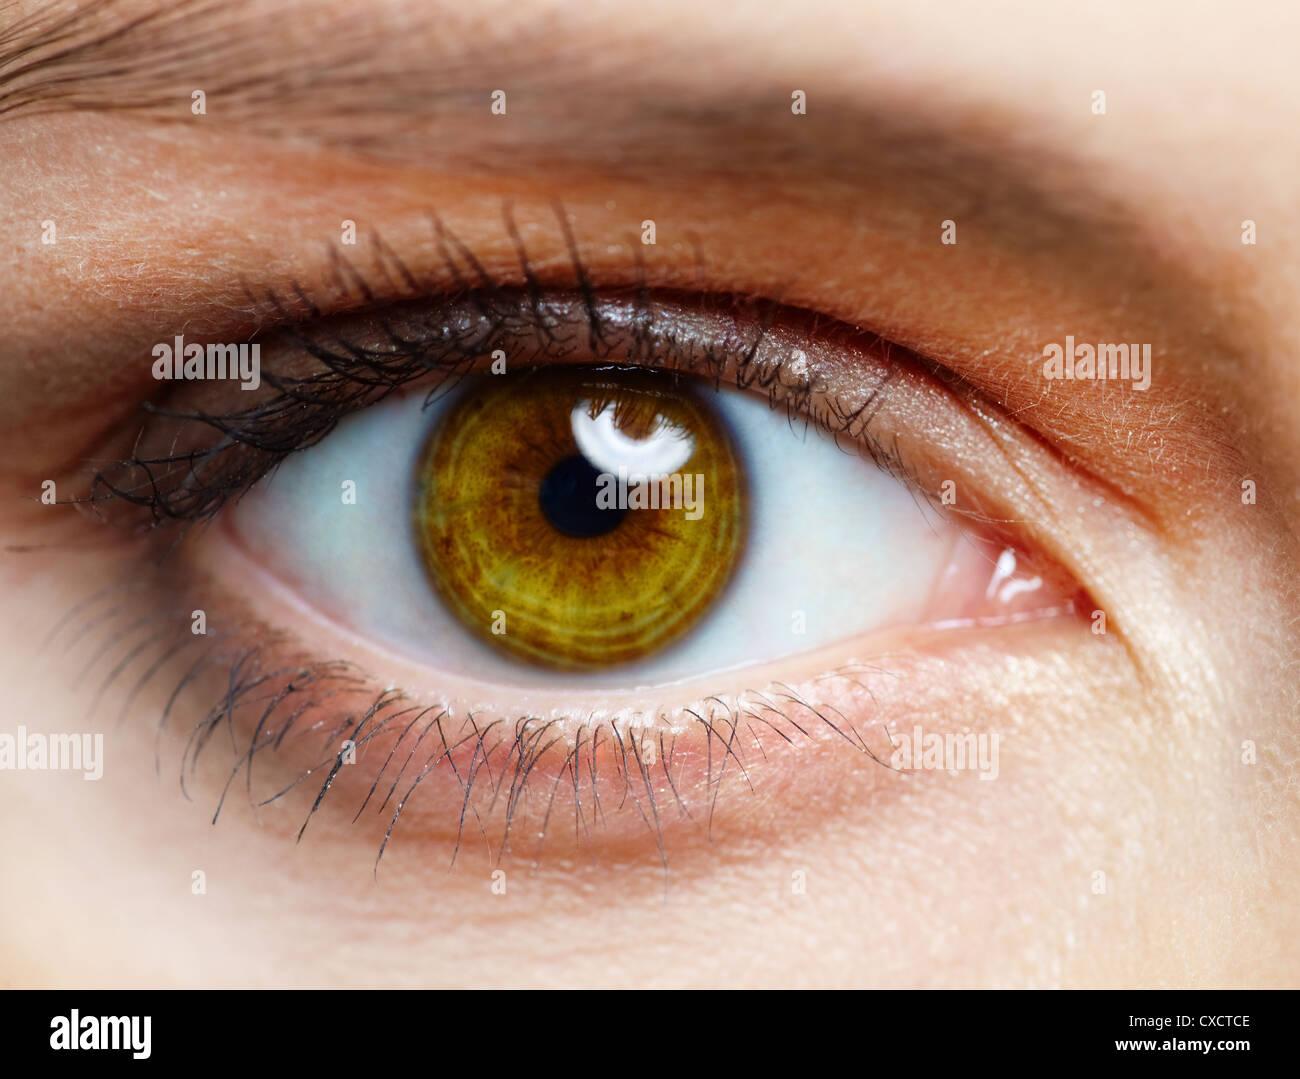 Macro image of human eye - Stock Image